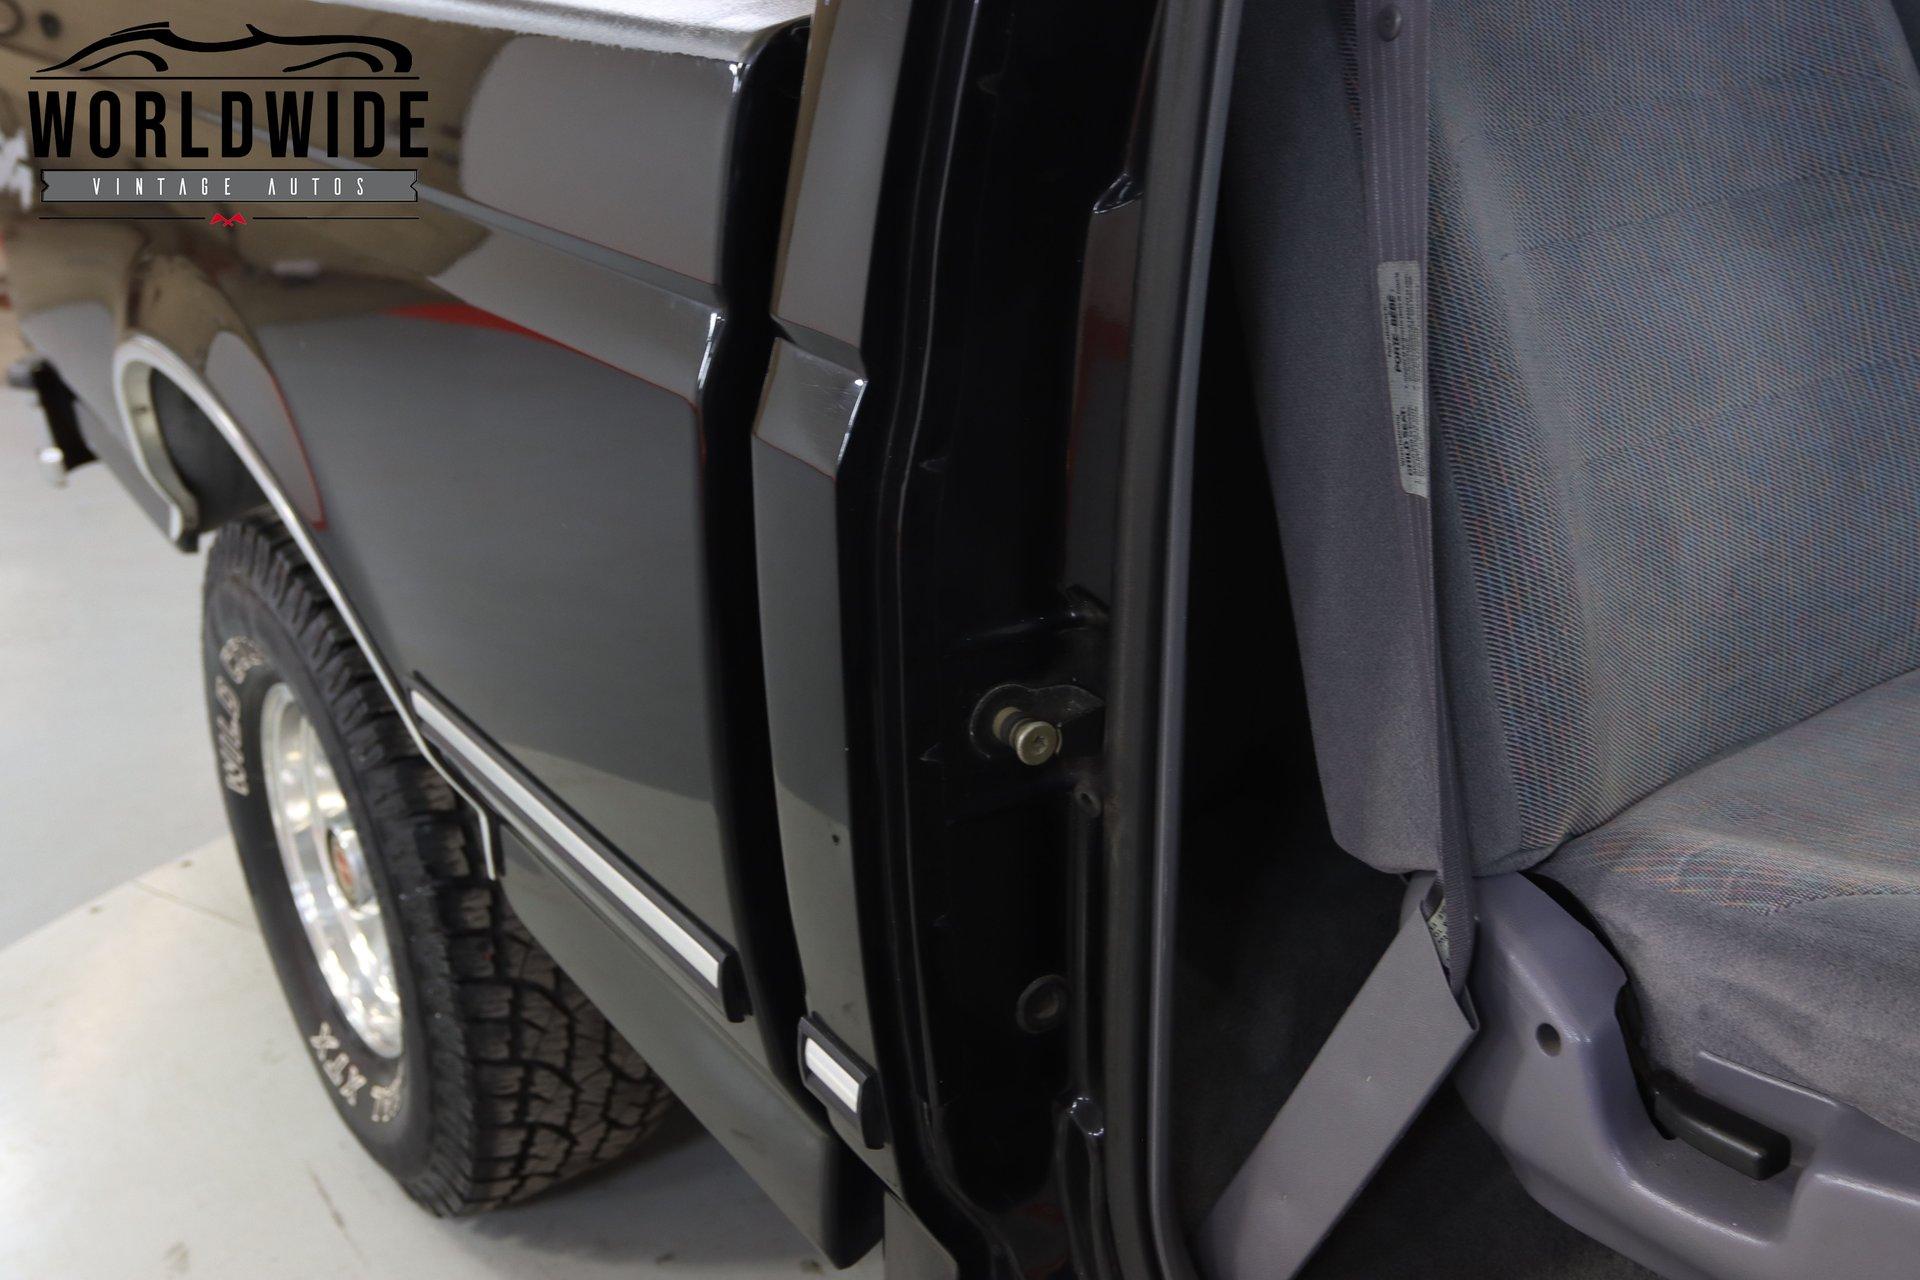 1996 Ford F-150 Eddie Bauer Edition